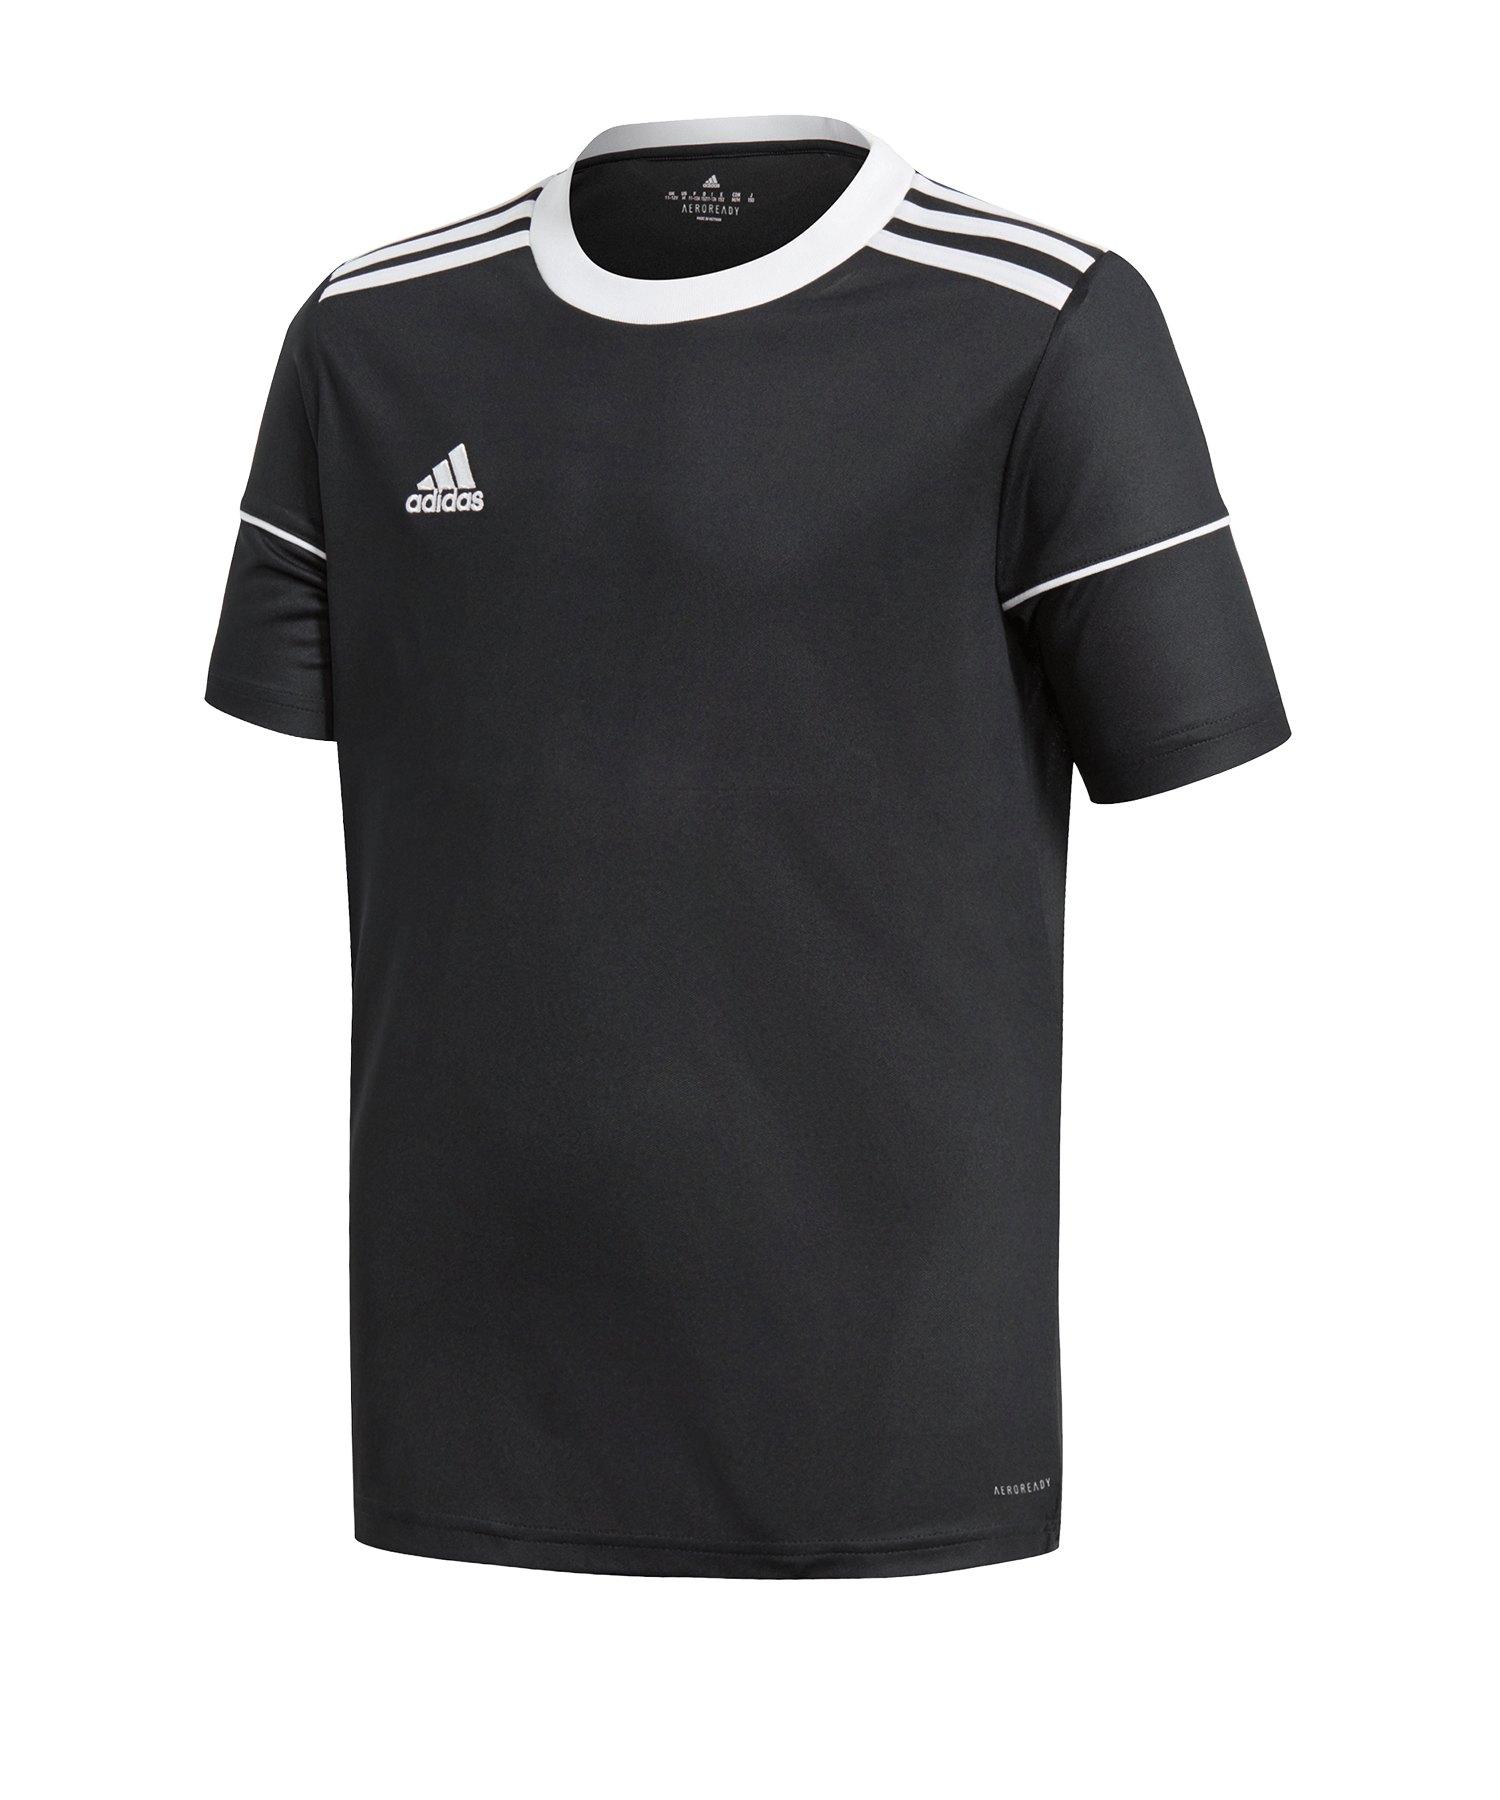 adidas Trikot Squadra 17 kurzarm Schwarz Weiss - schwarz